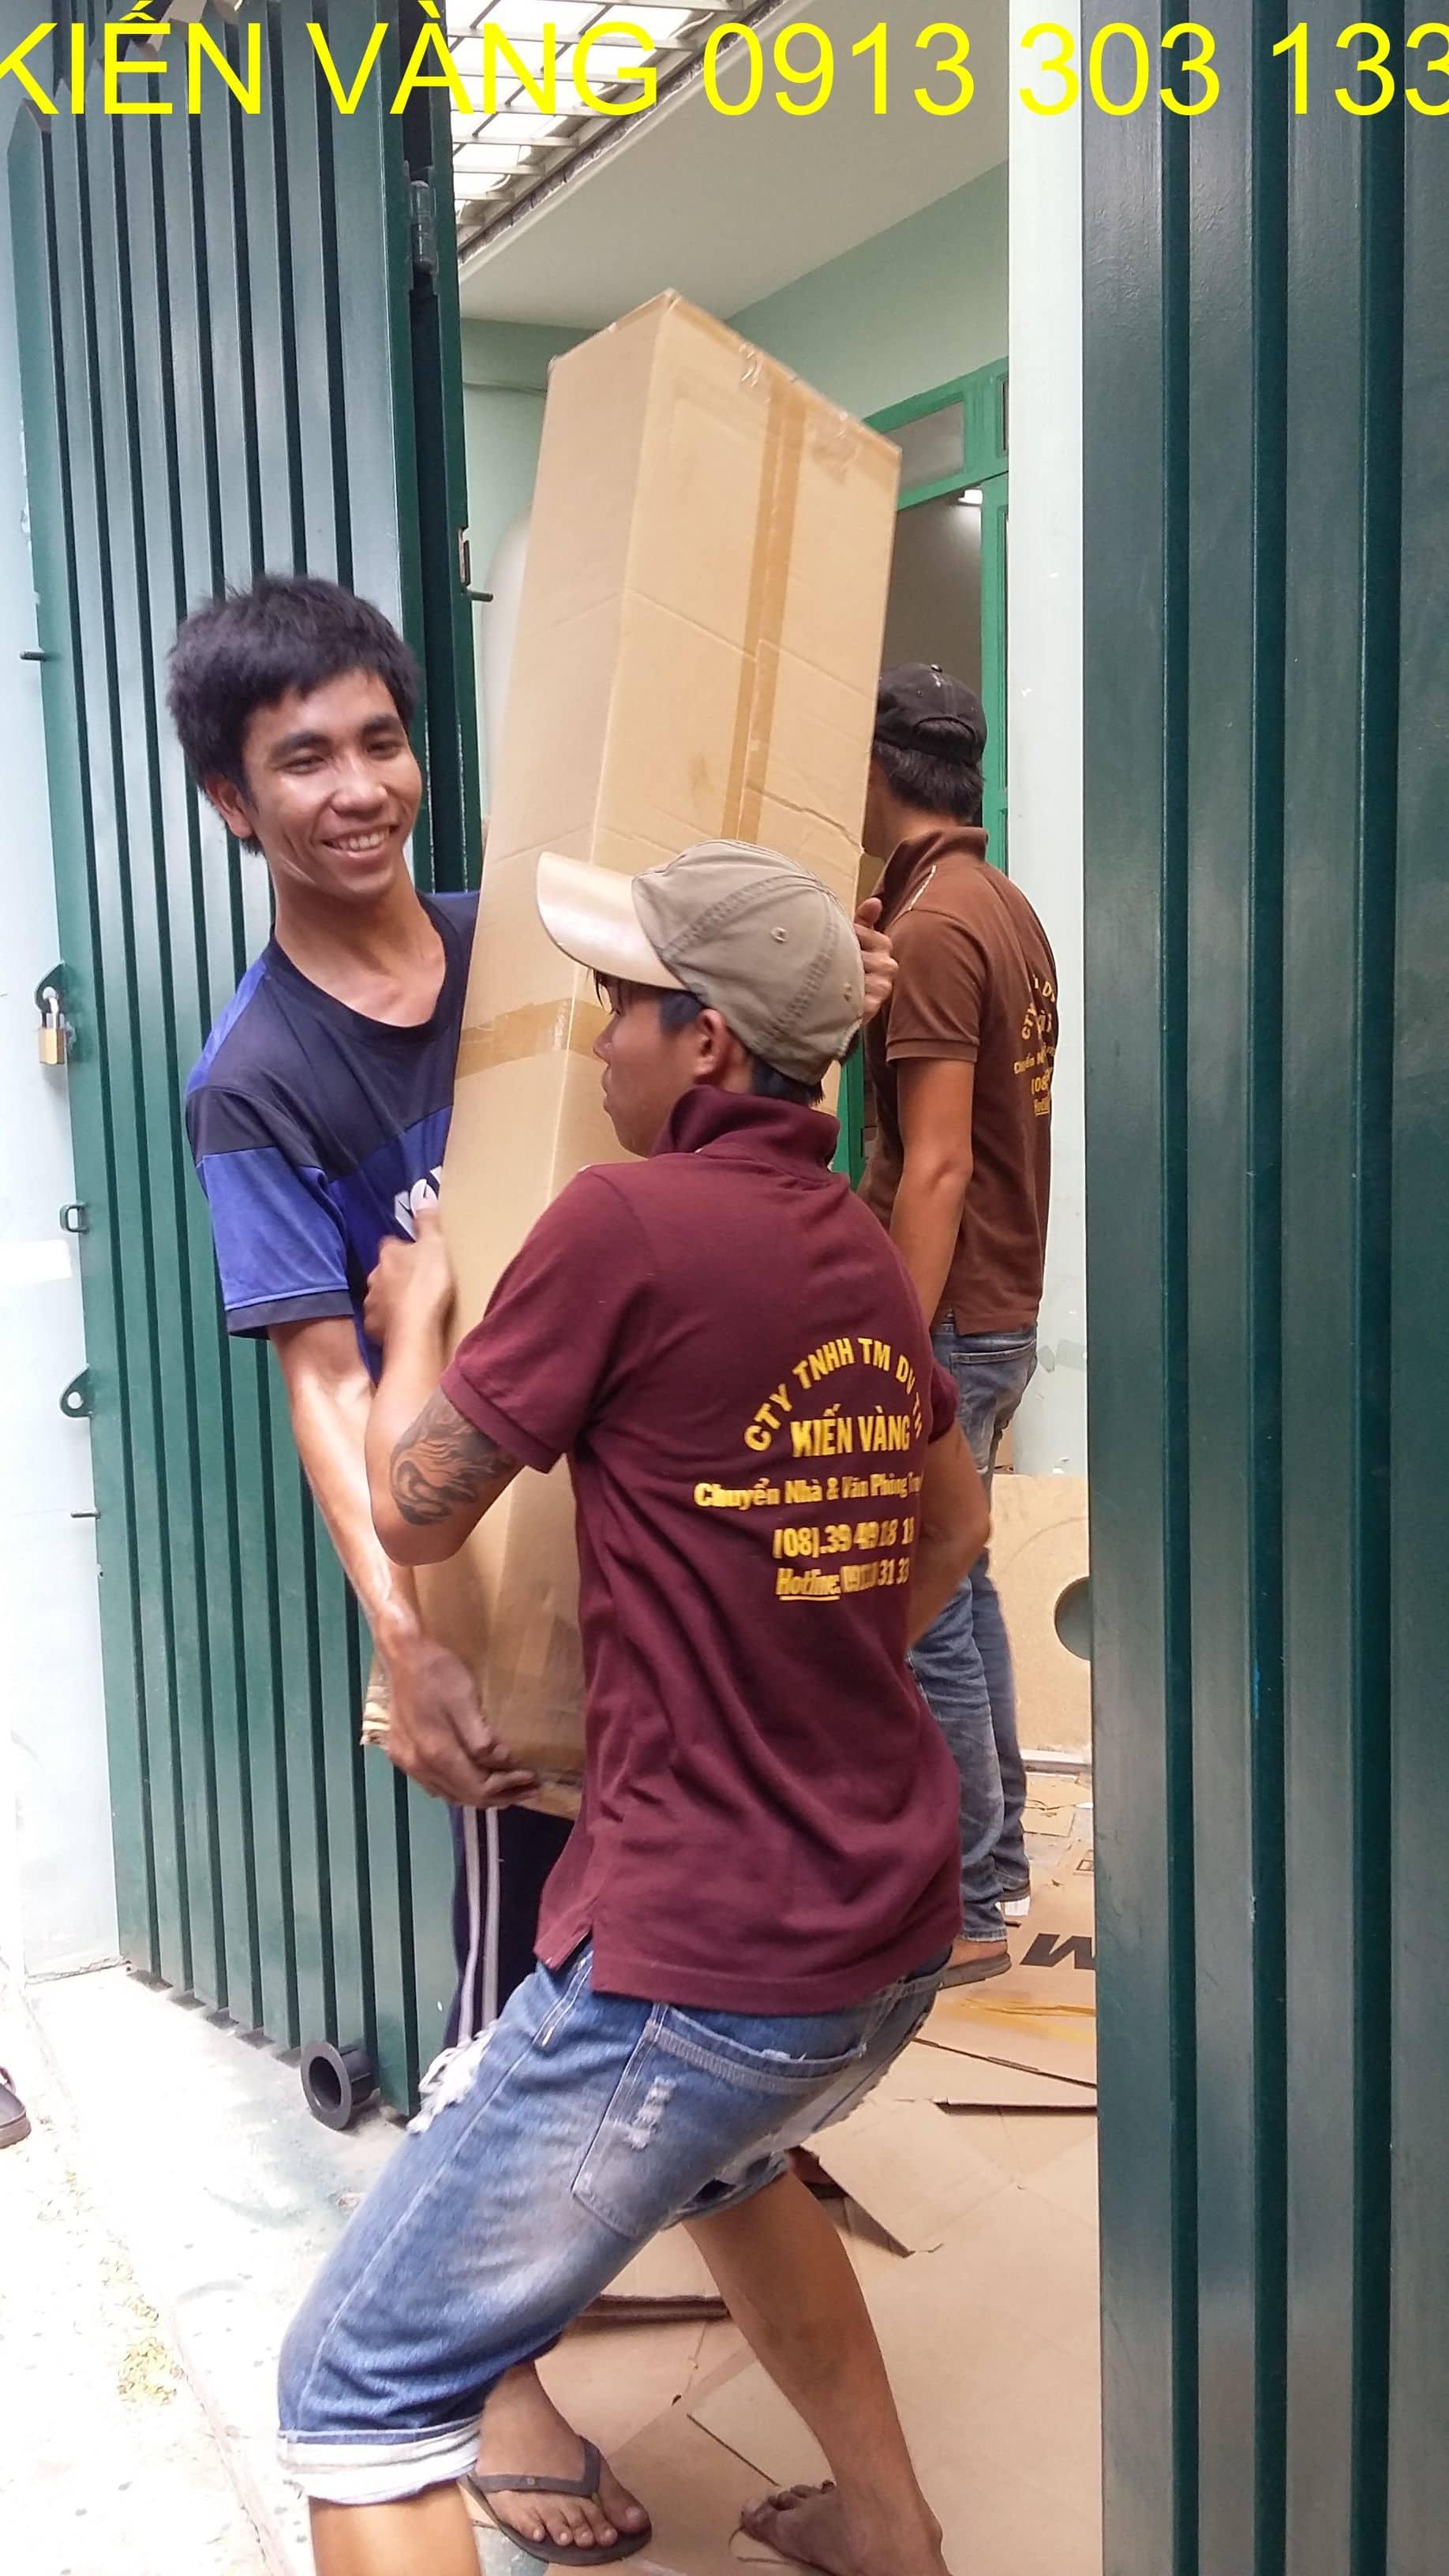 Dịch vụ chuyển kho xưởng giá rẻ TPHCM-01